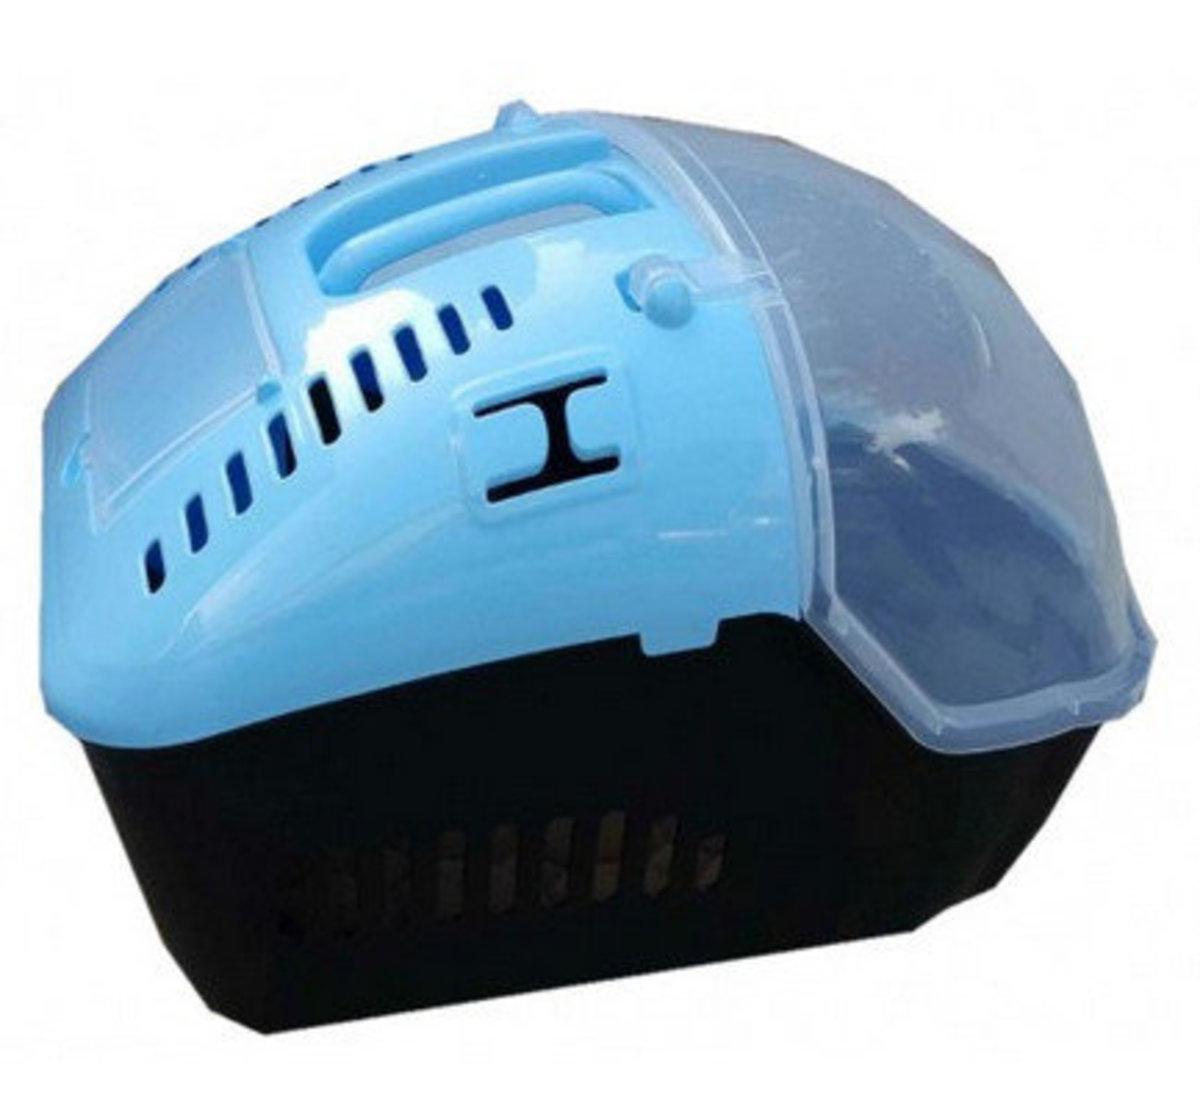 新款寵物籠手提籠 (S) (46 x 32 x 32cm) (藍黑色)